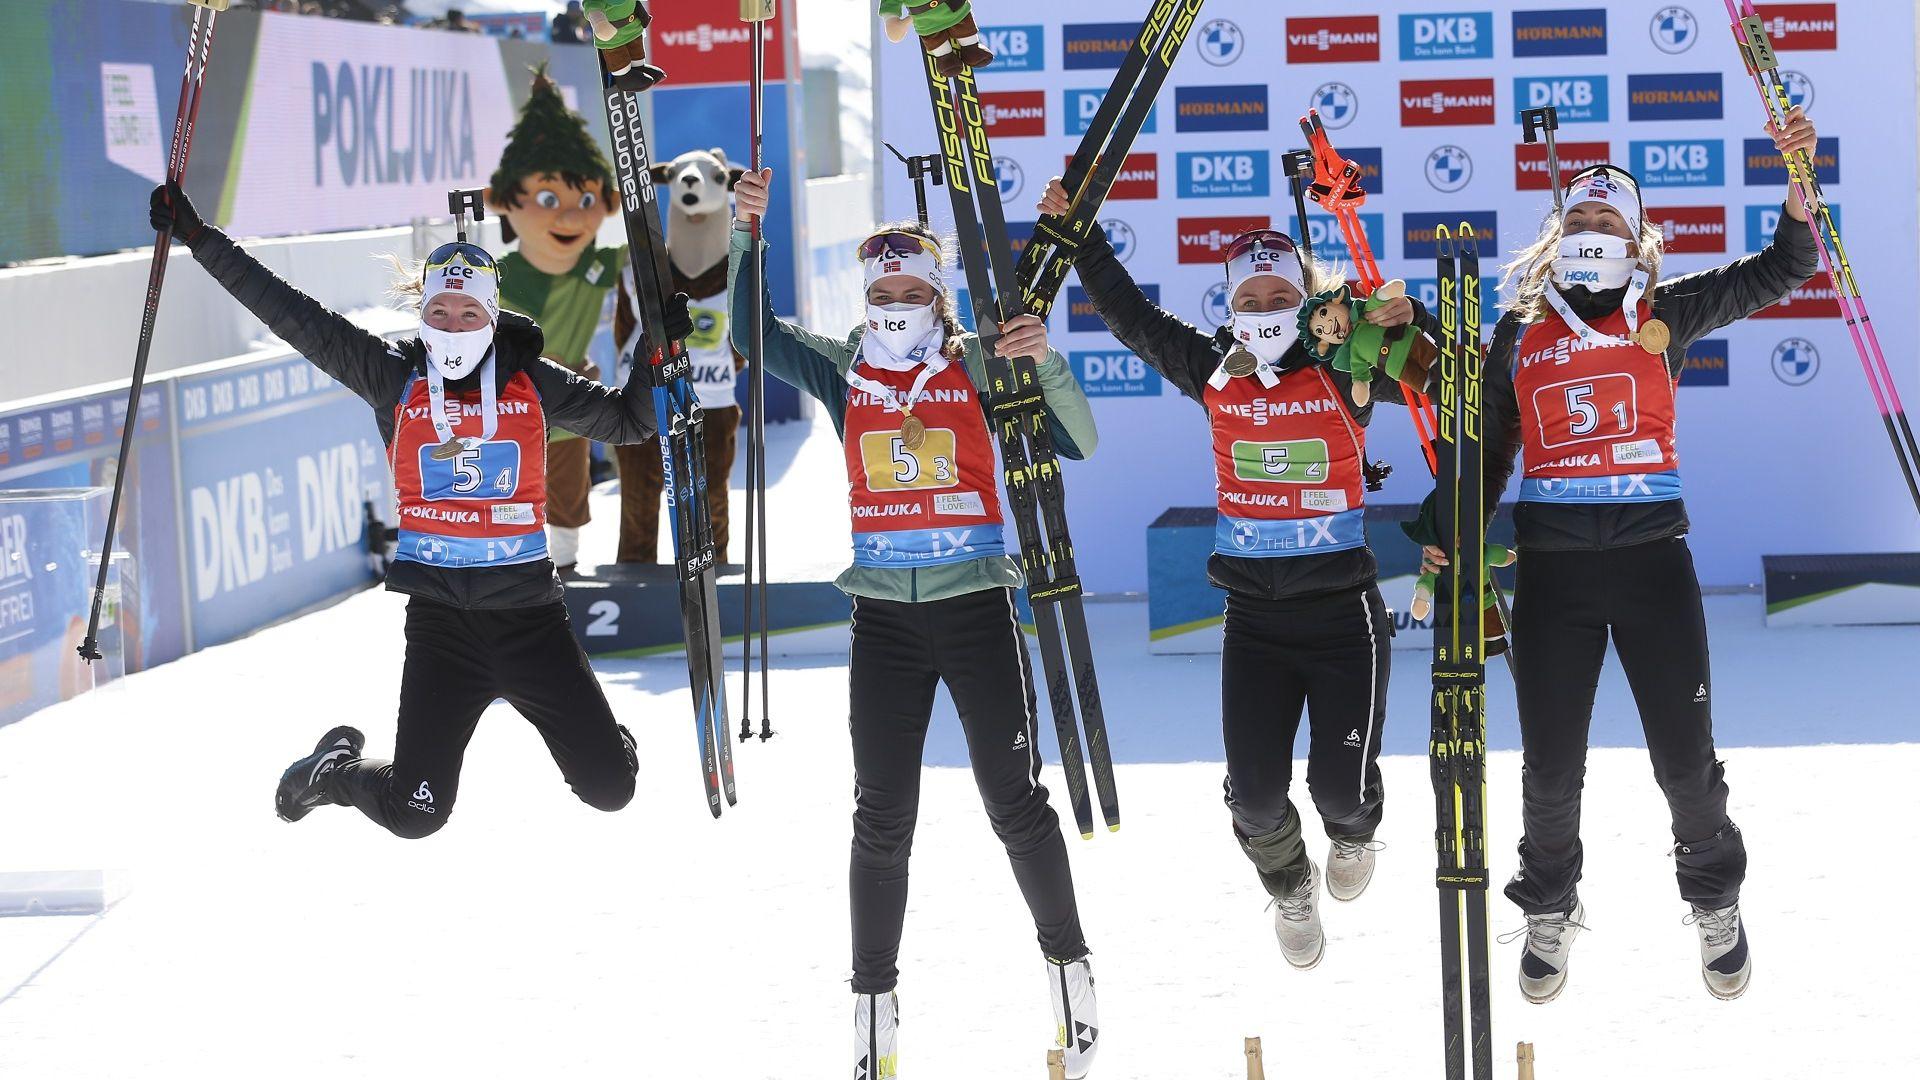 Кралиците от Норвегия с трета поредна титла от щафетата в биатлона